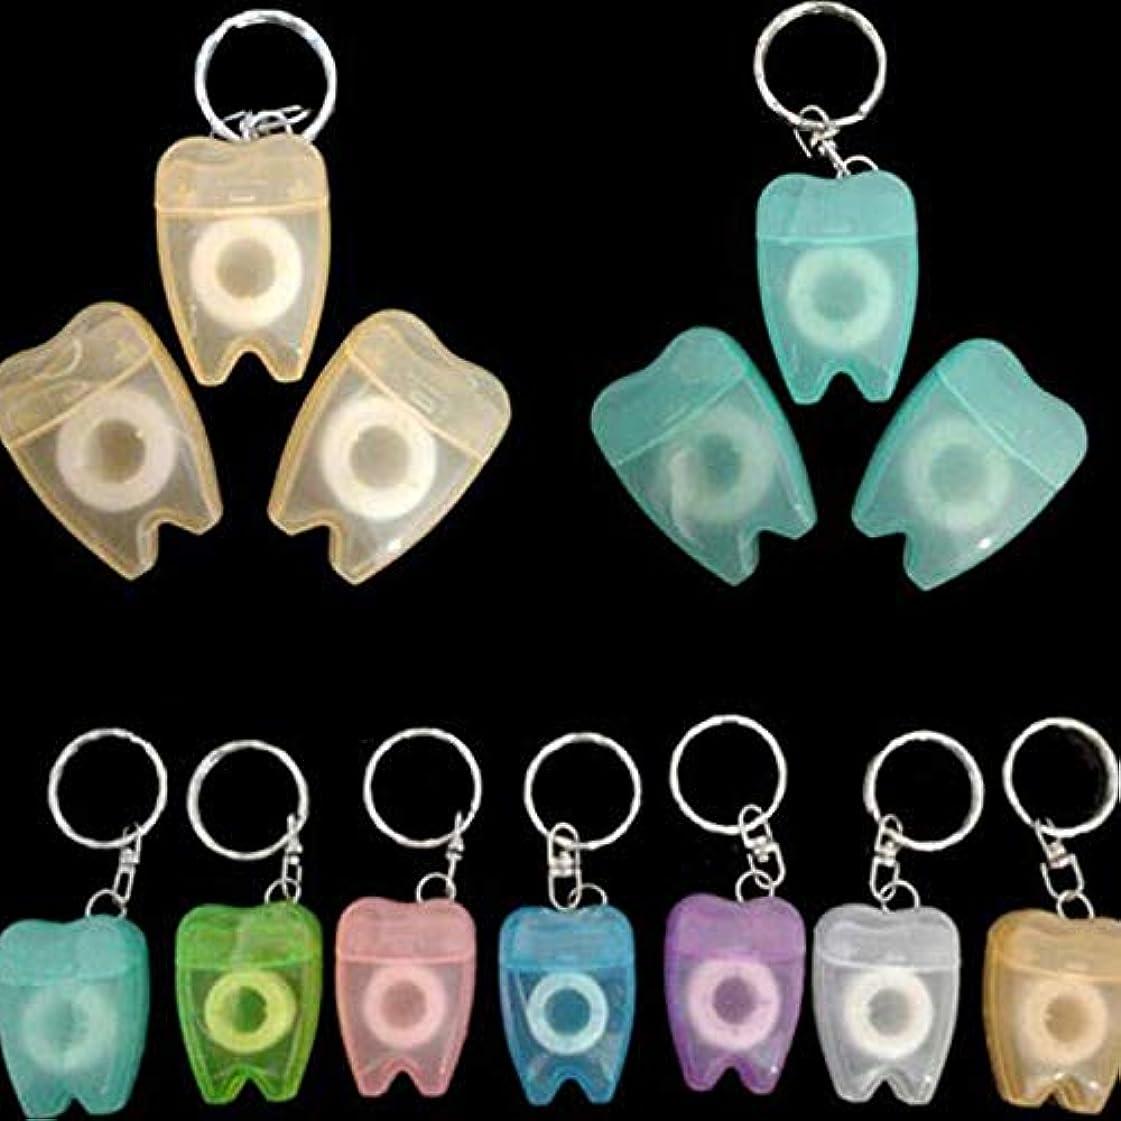 のホスト意見パドルALAN 10個歯科糸ようじミニ口腔健康デンタルフロスキーホルダー歯科クリニック贈り物 プレゼント 15メートル